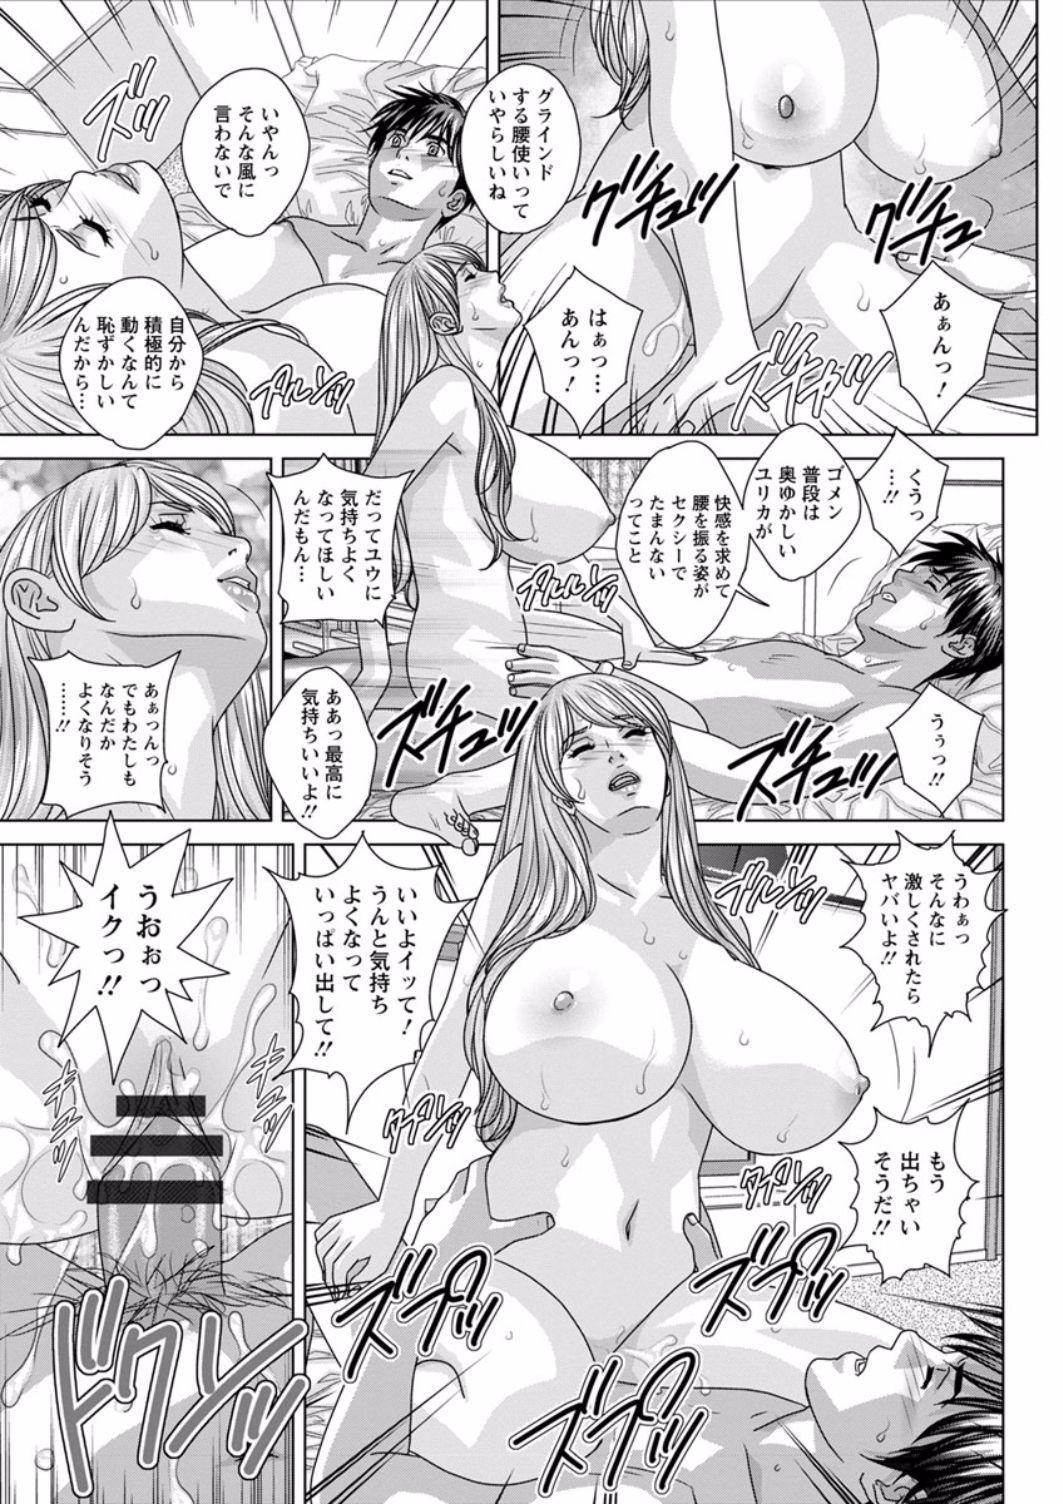 TEEN XXX 116